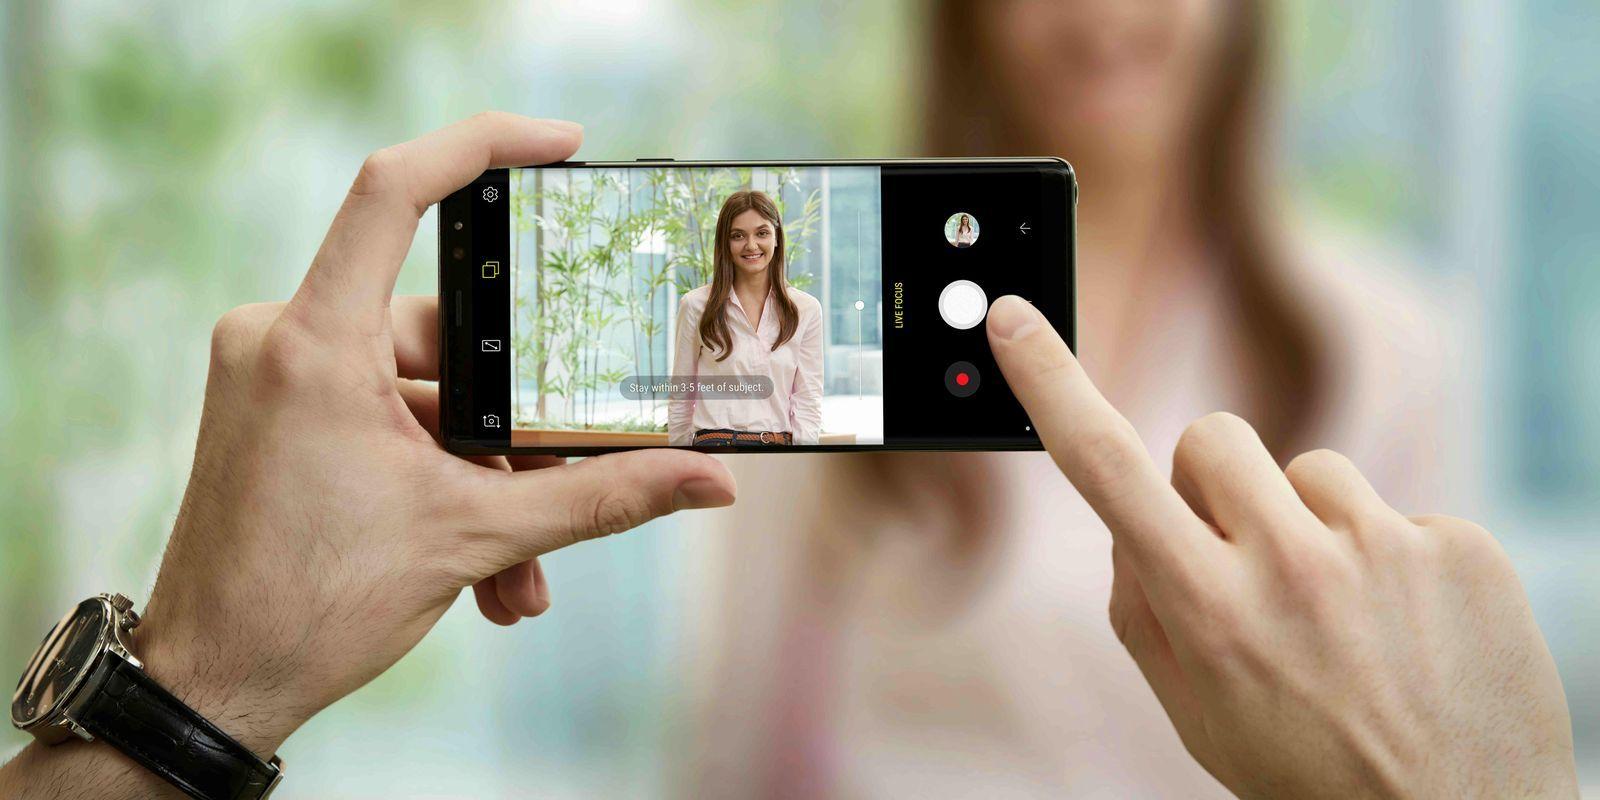 صورة التعديل على الصور , طريقة بسيطة للتعديل علي الصور